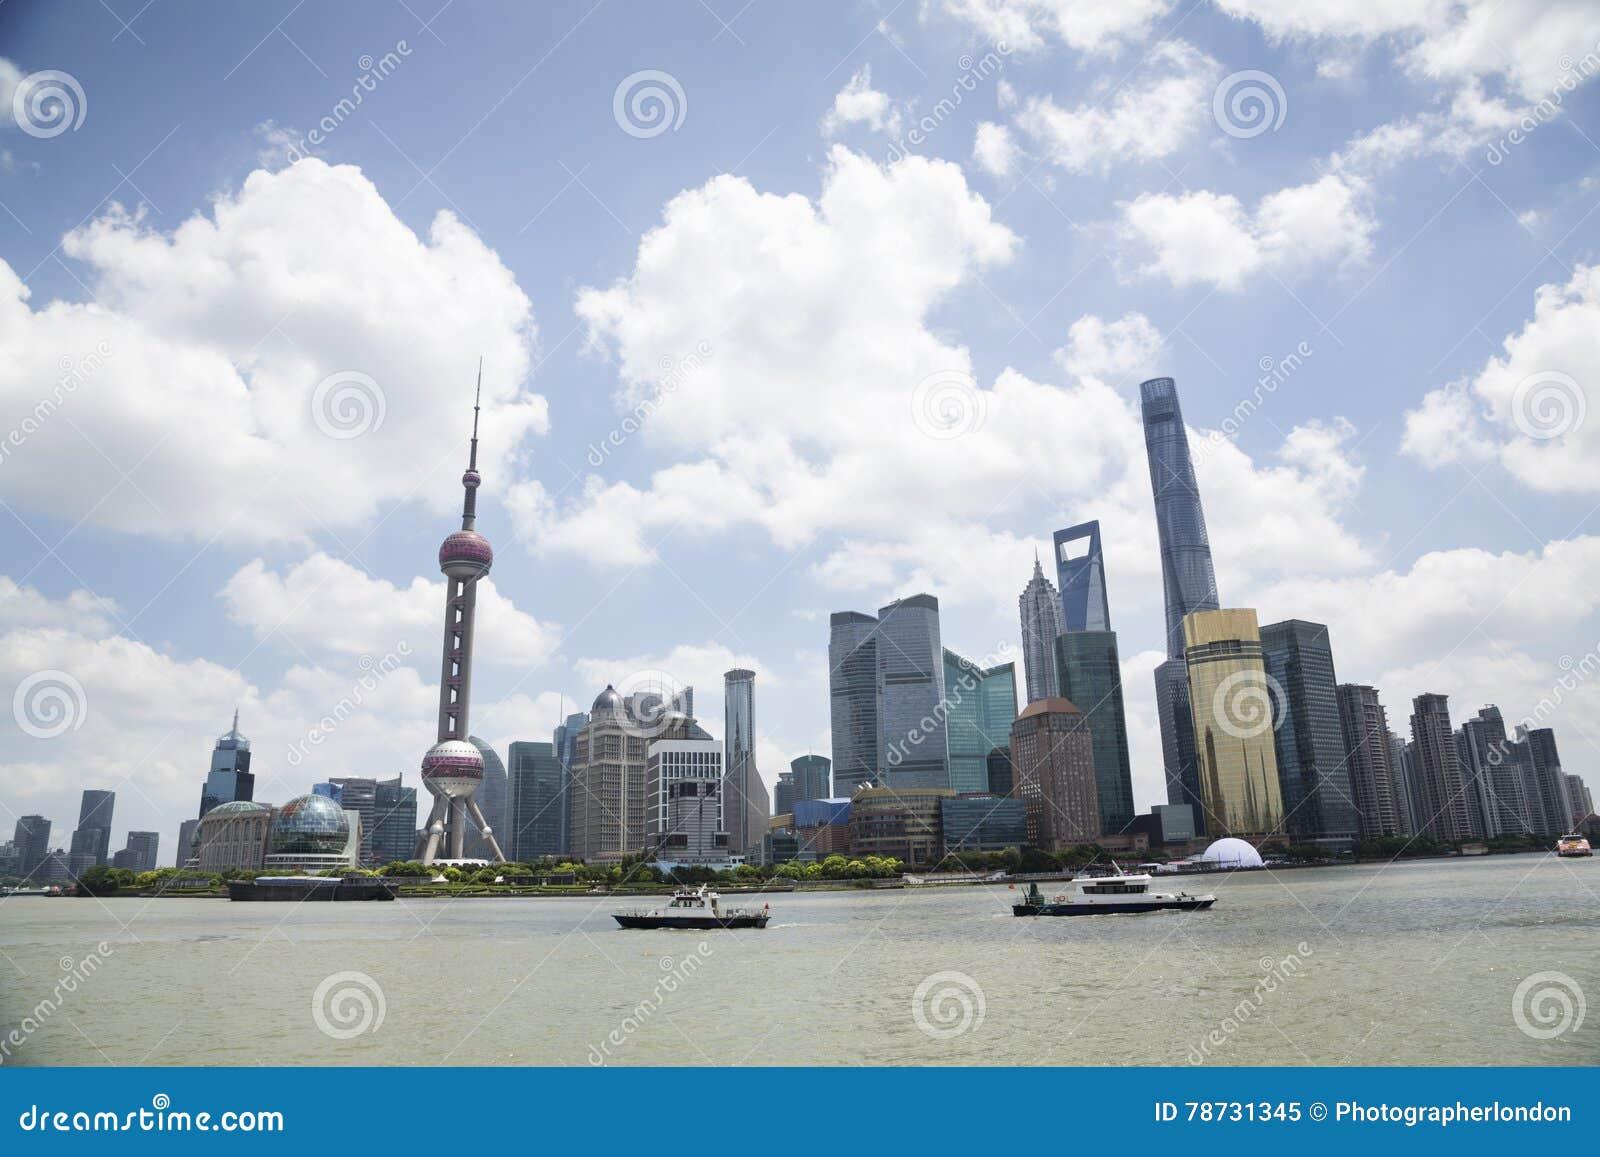 Sikt av Pudong horisont vid Huangpu River mot molnig himmel